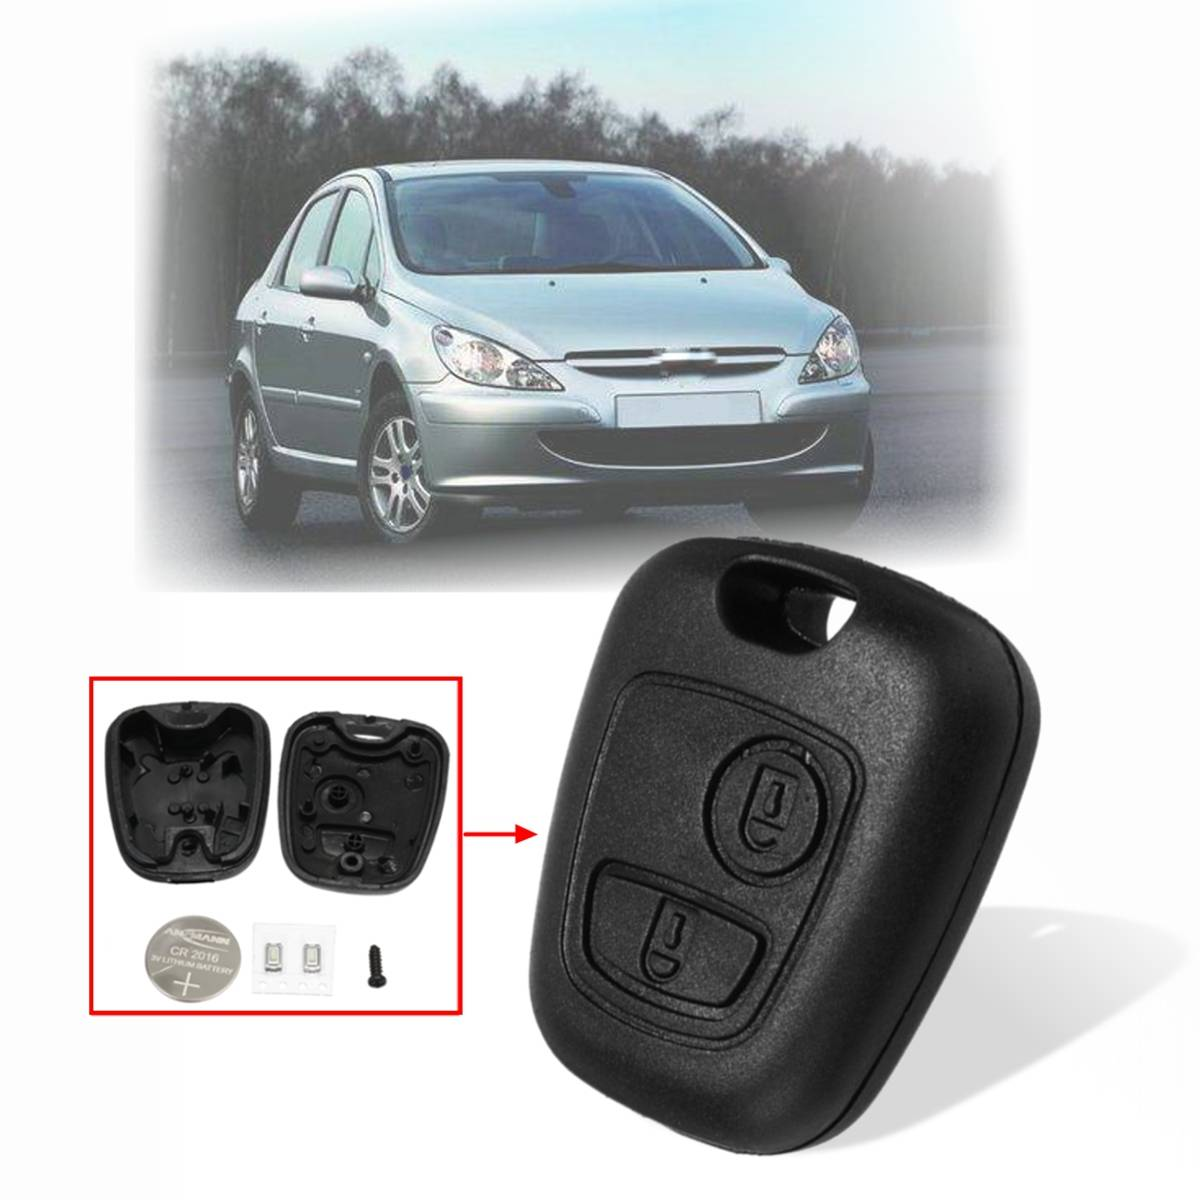 2 Knoppen Auto Afstandsbediening Sleutelhanger Case Voor Peugeot 106 107 206 207 306 307 405 406 407 Shell Met Batterij Vervanging Kit